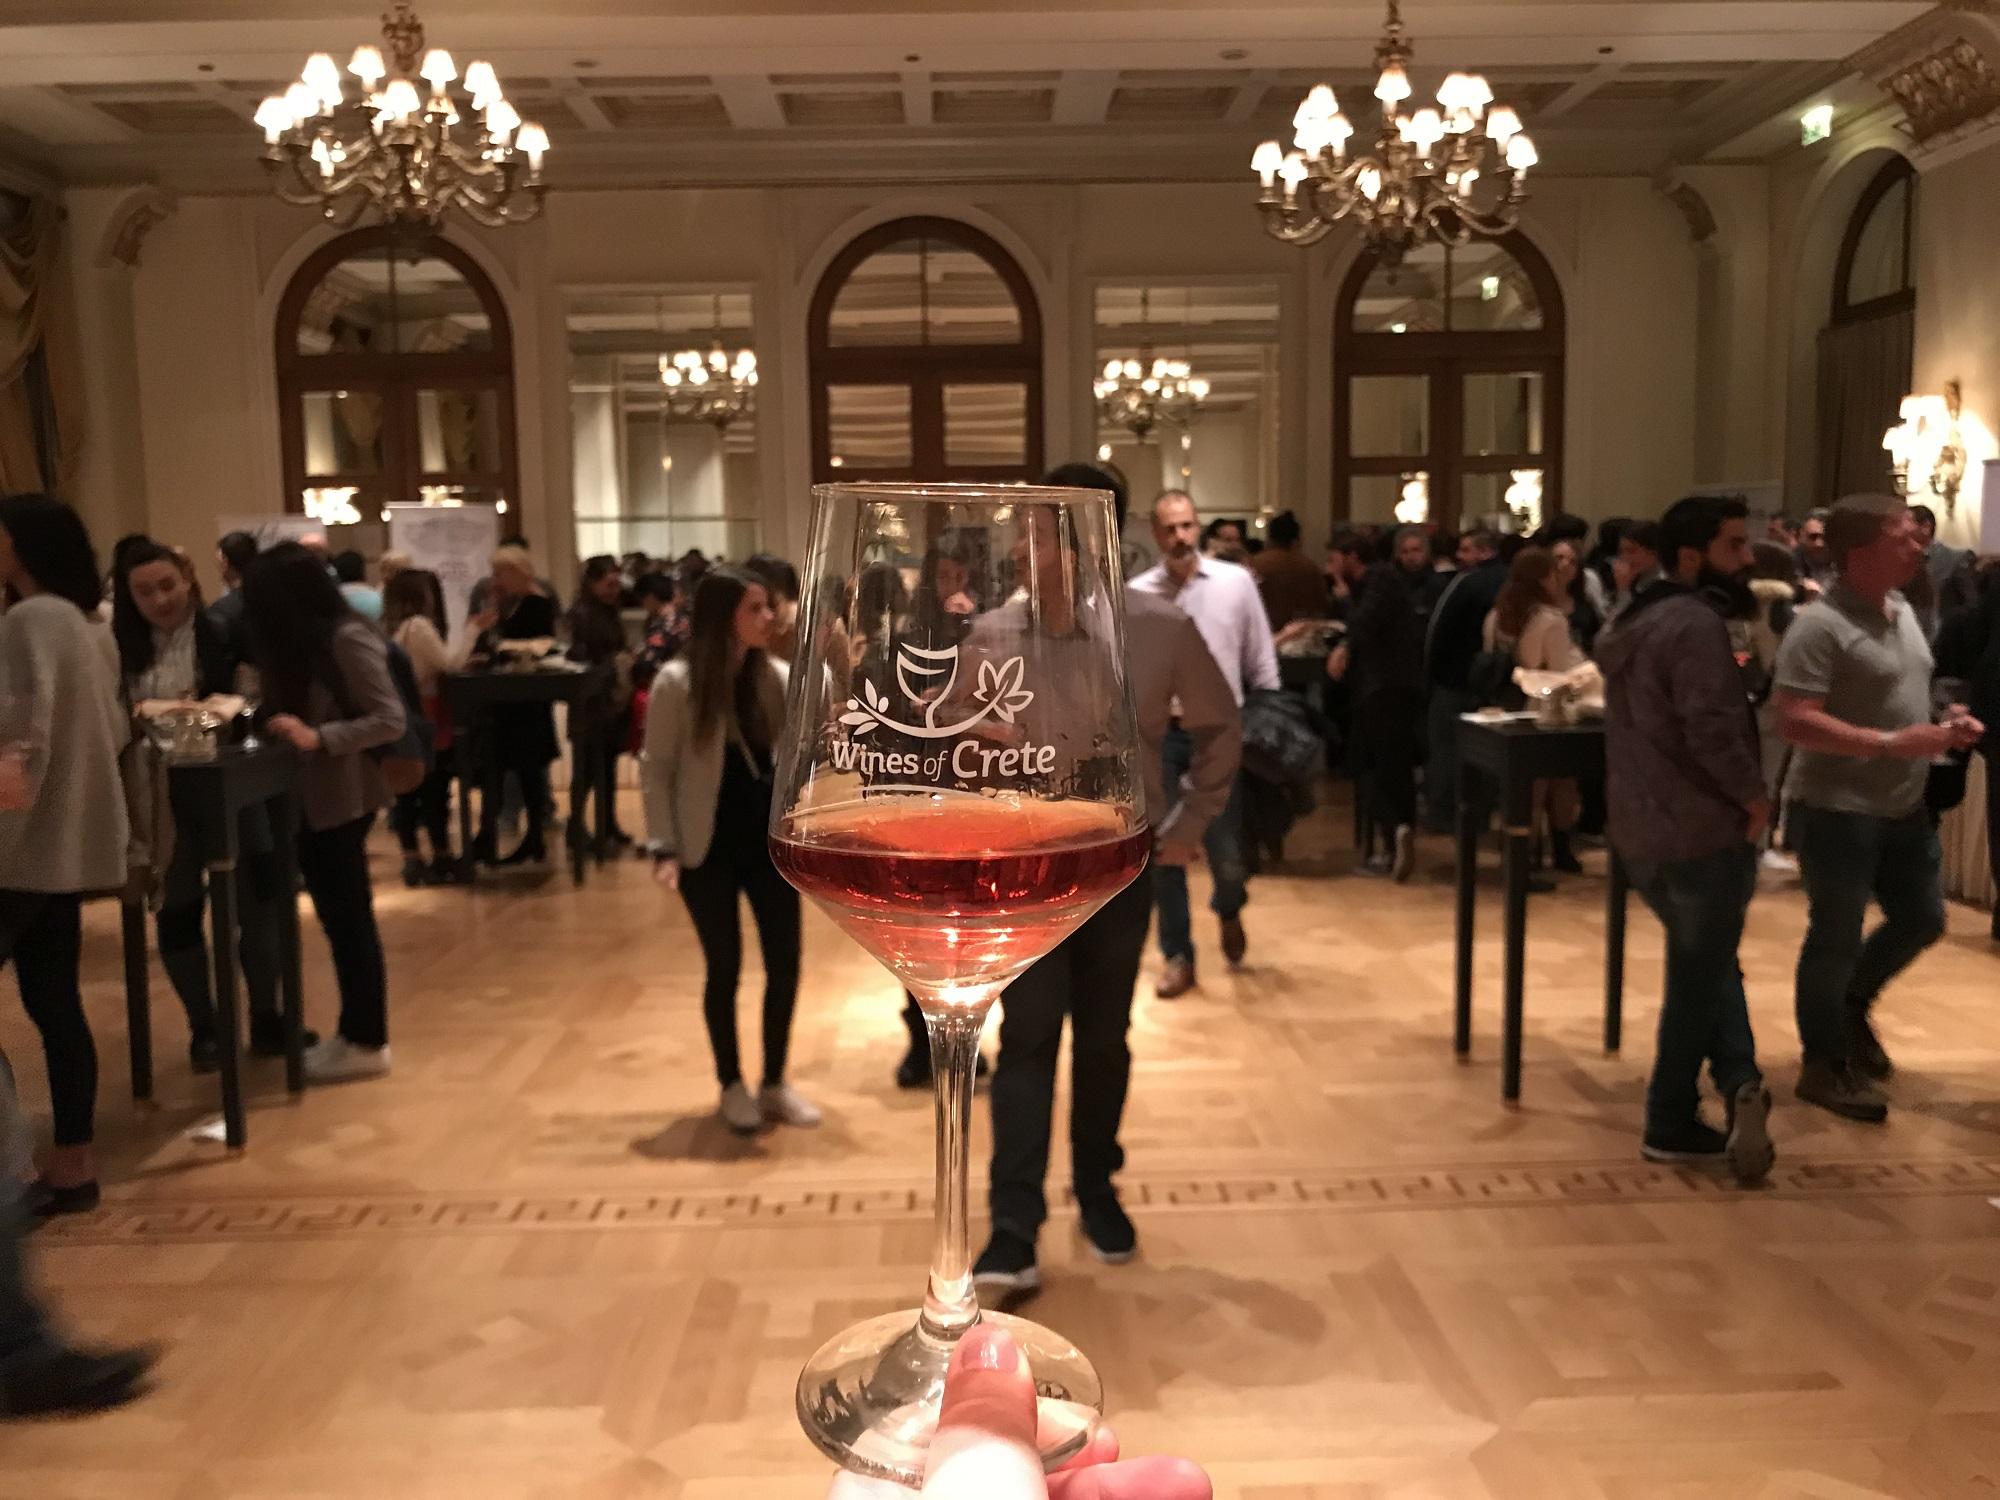 Ενθουσιασαν τα κρητικά κρασιά- Με μεγάλη επιτυχία η έκθεση ΟιΝοτικά στην Αθήνα (pics)